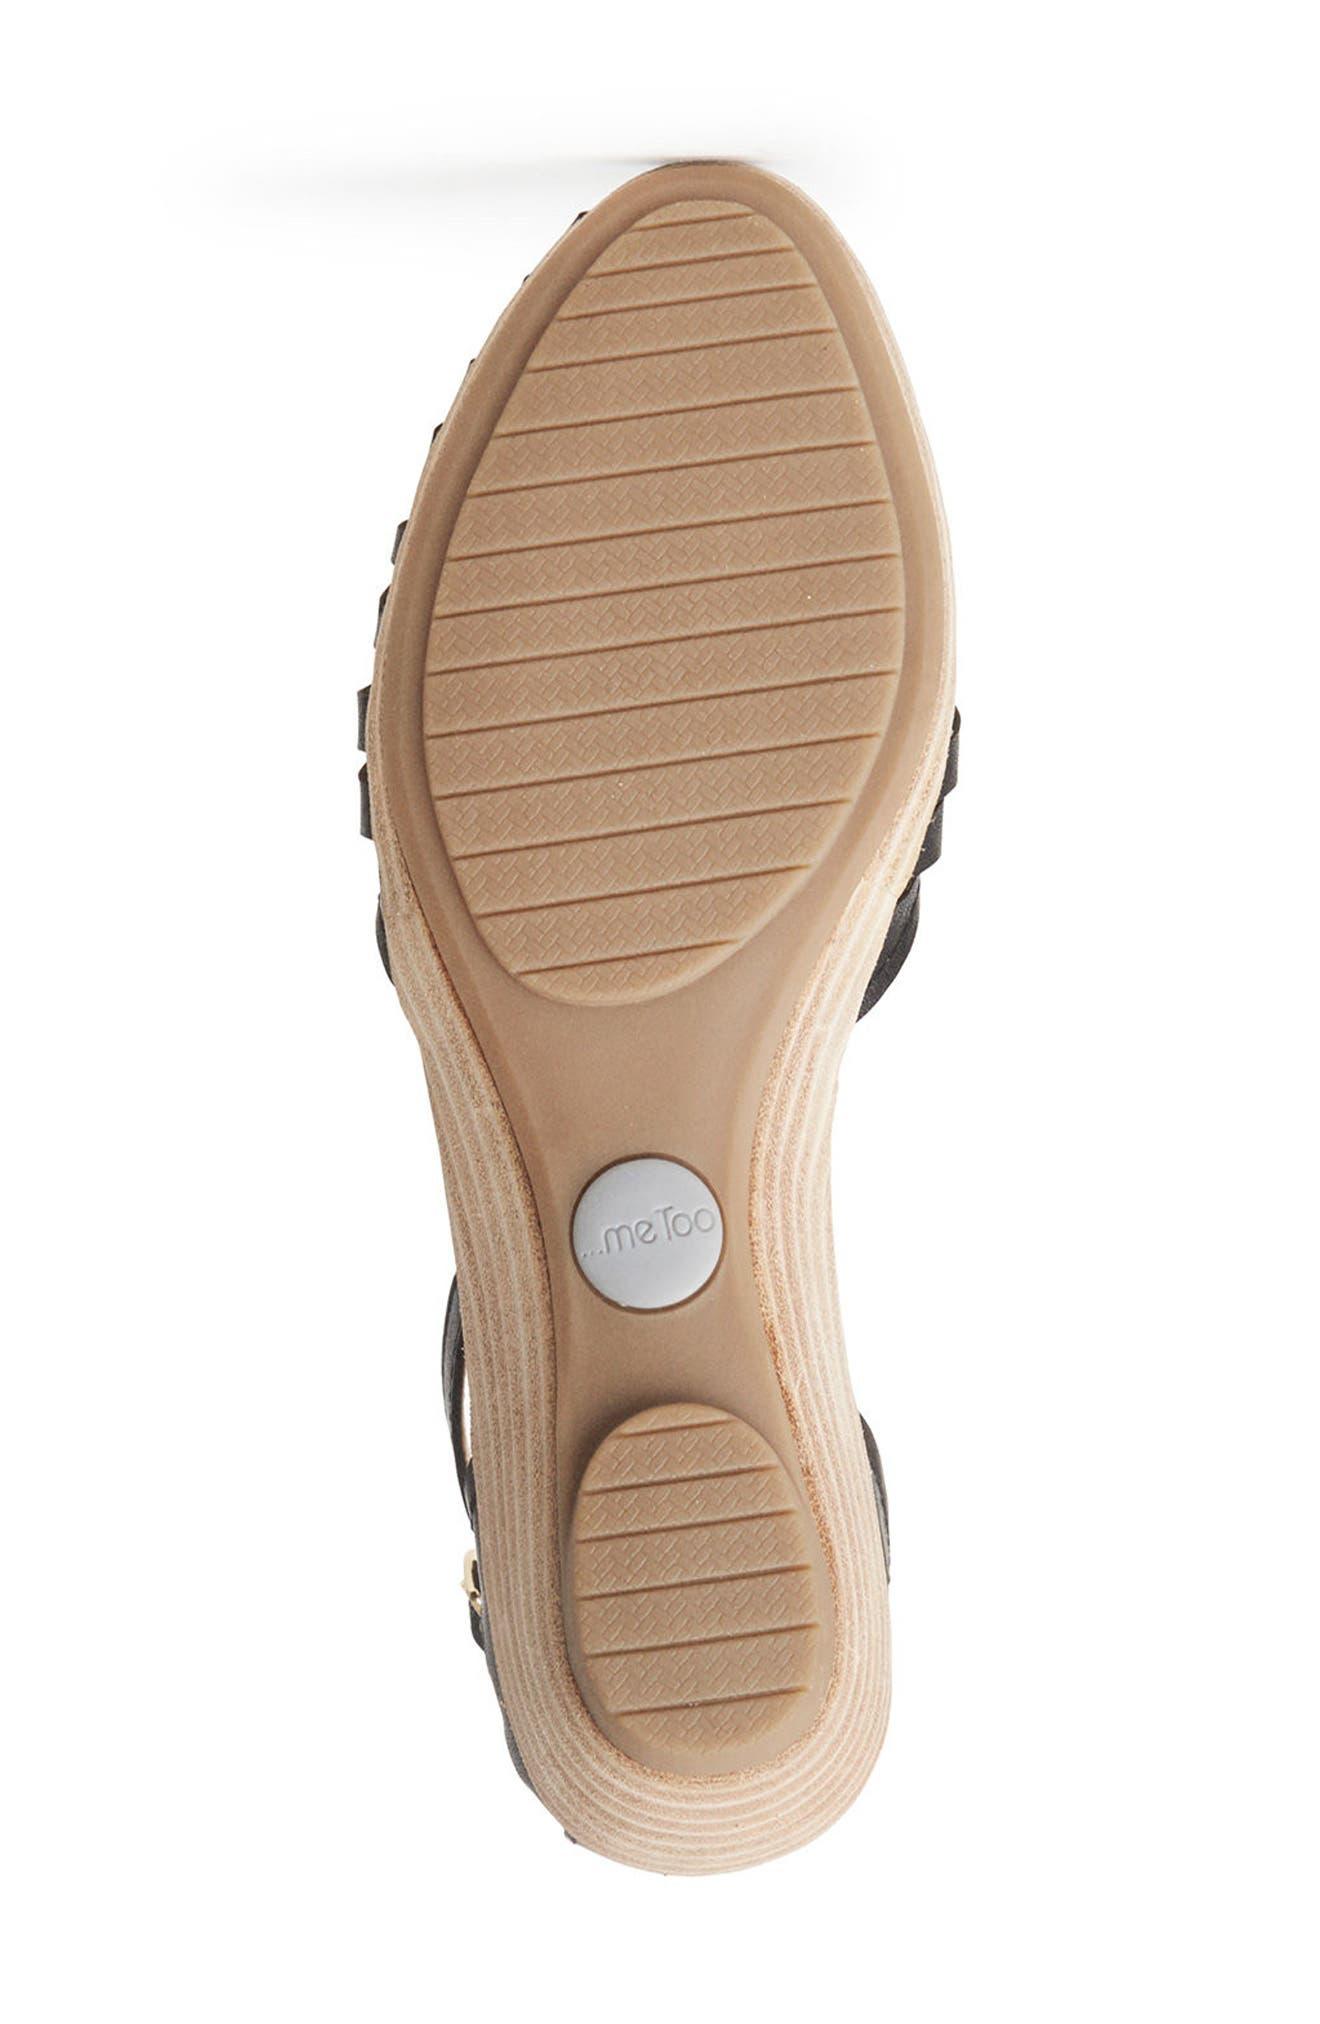 Nalani Ankle Strap Sandal,                             Alternate thumbnail 4, color,                             010